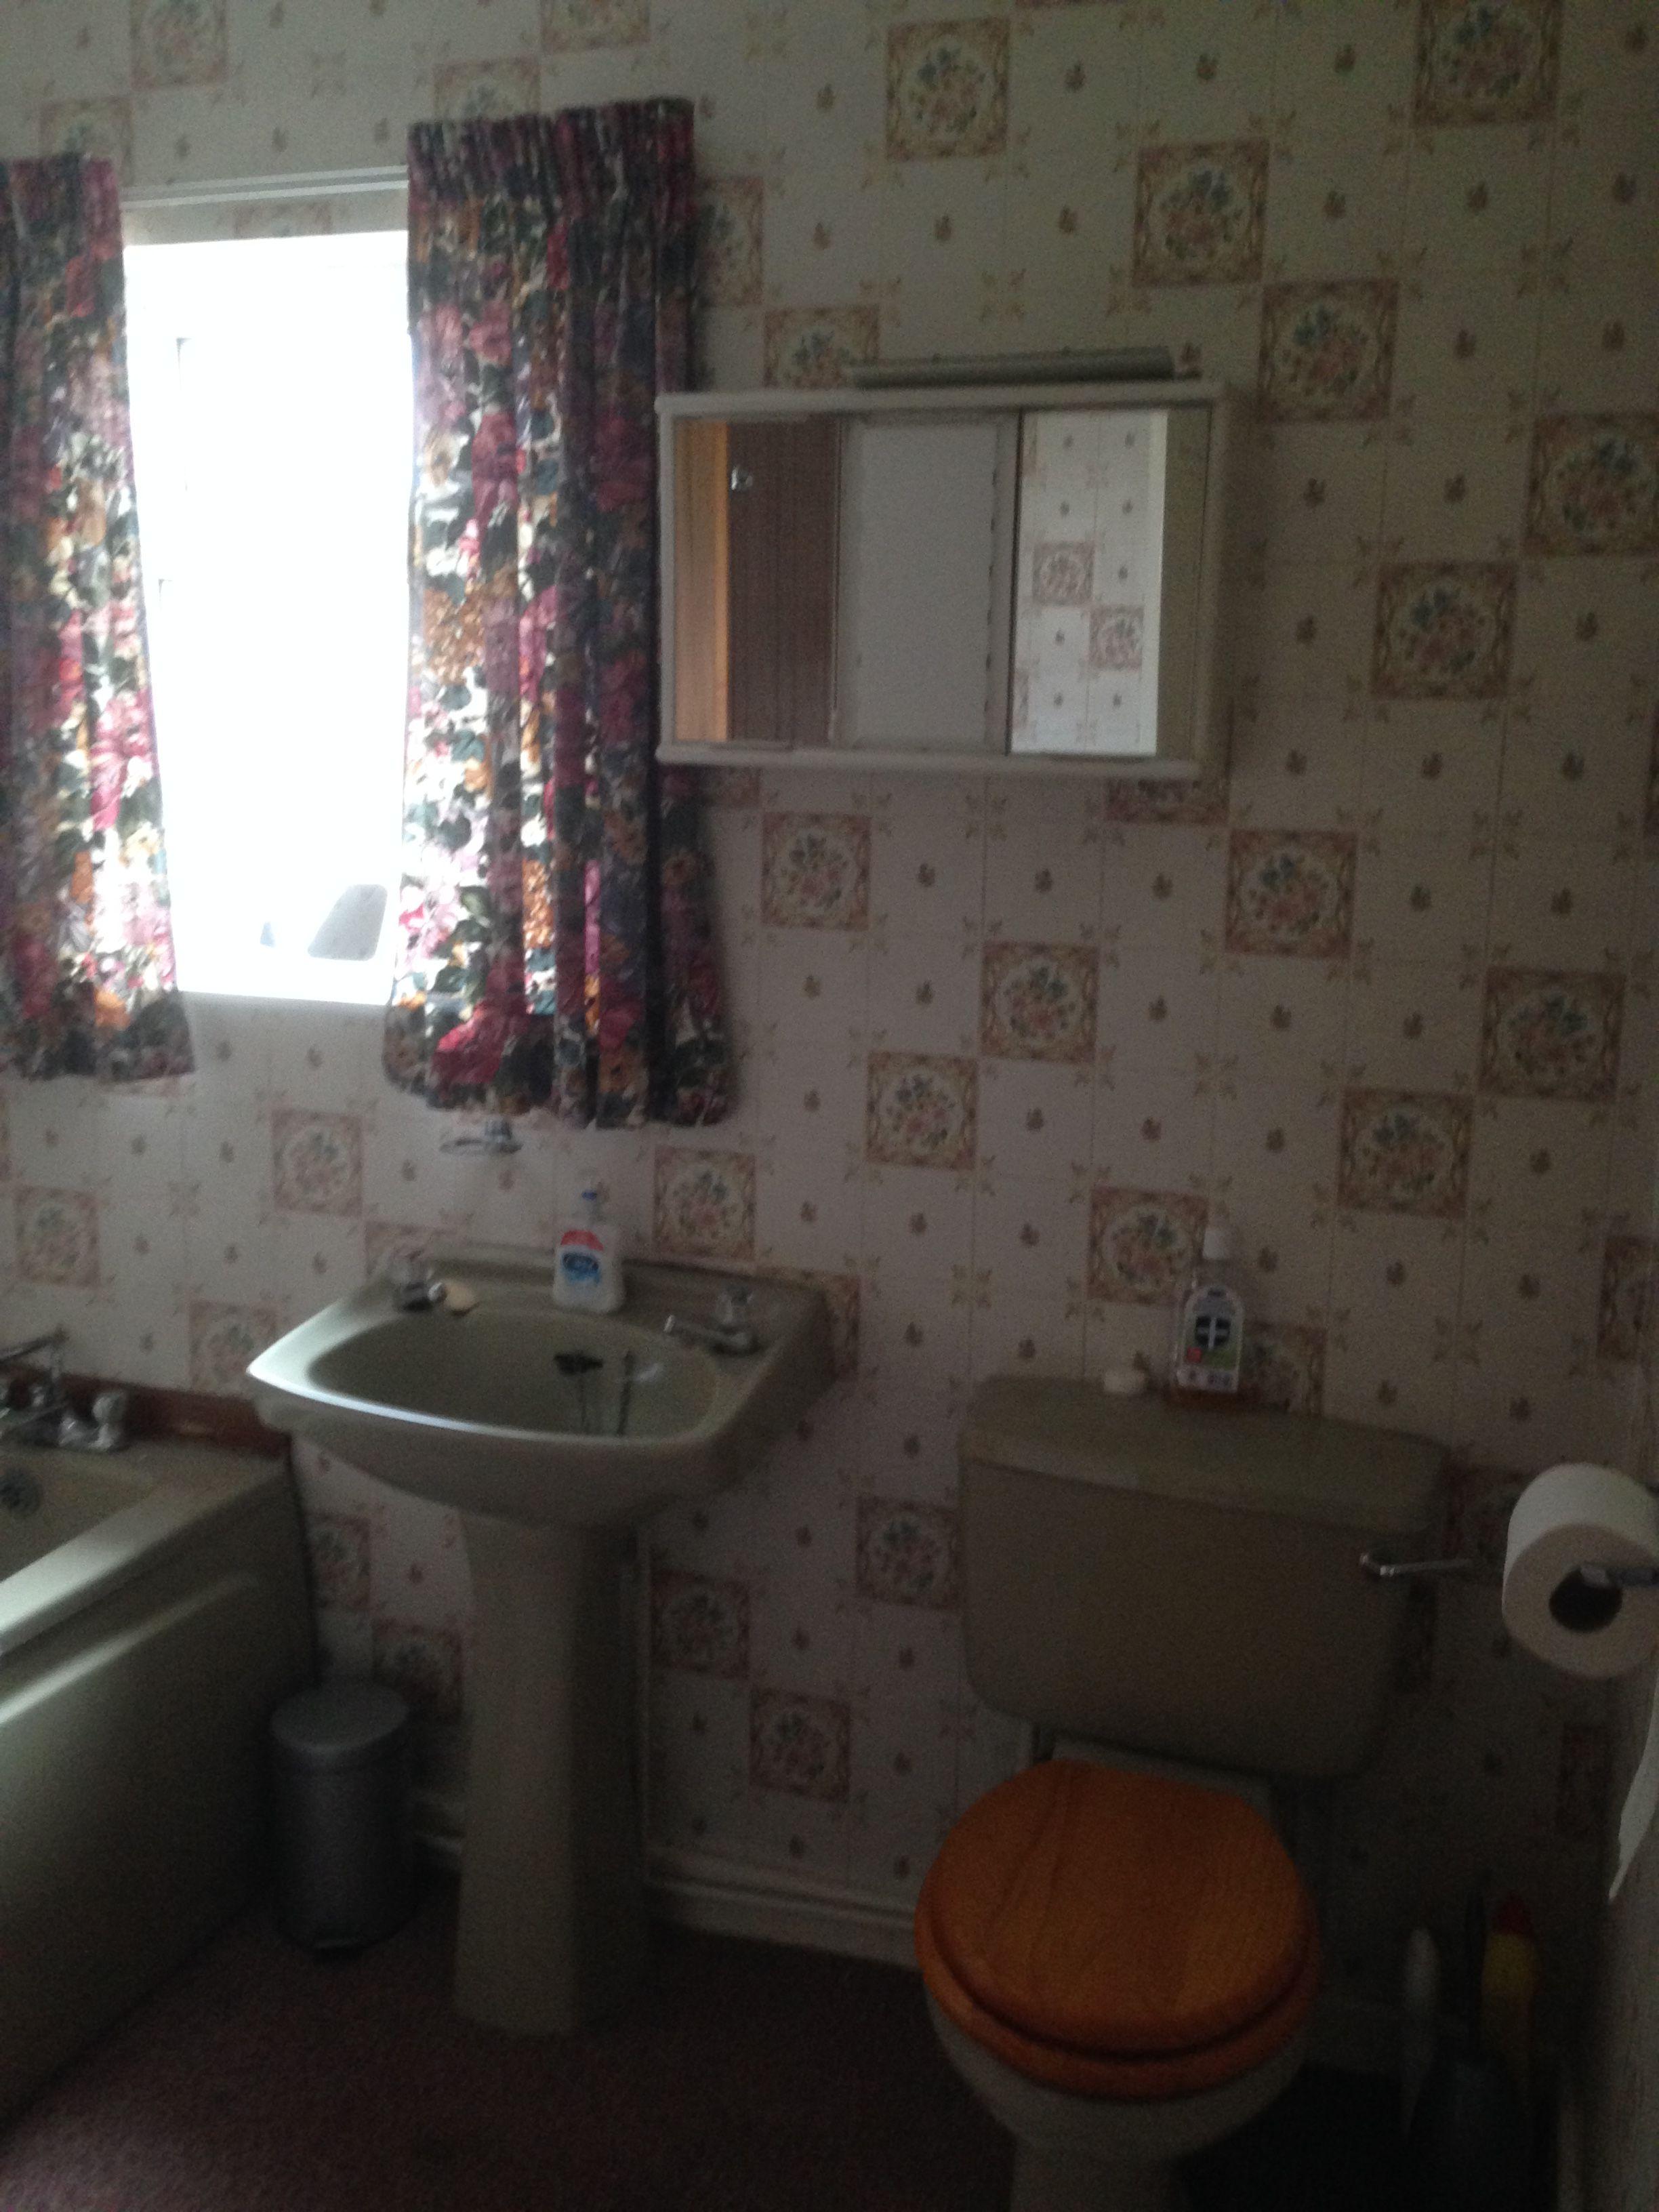 Avocado Bathroom Suite Before Renovation Avocado Bathroom